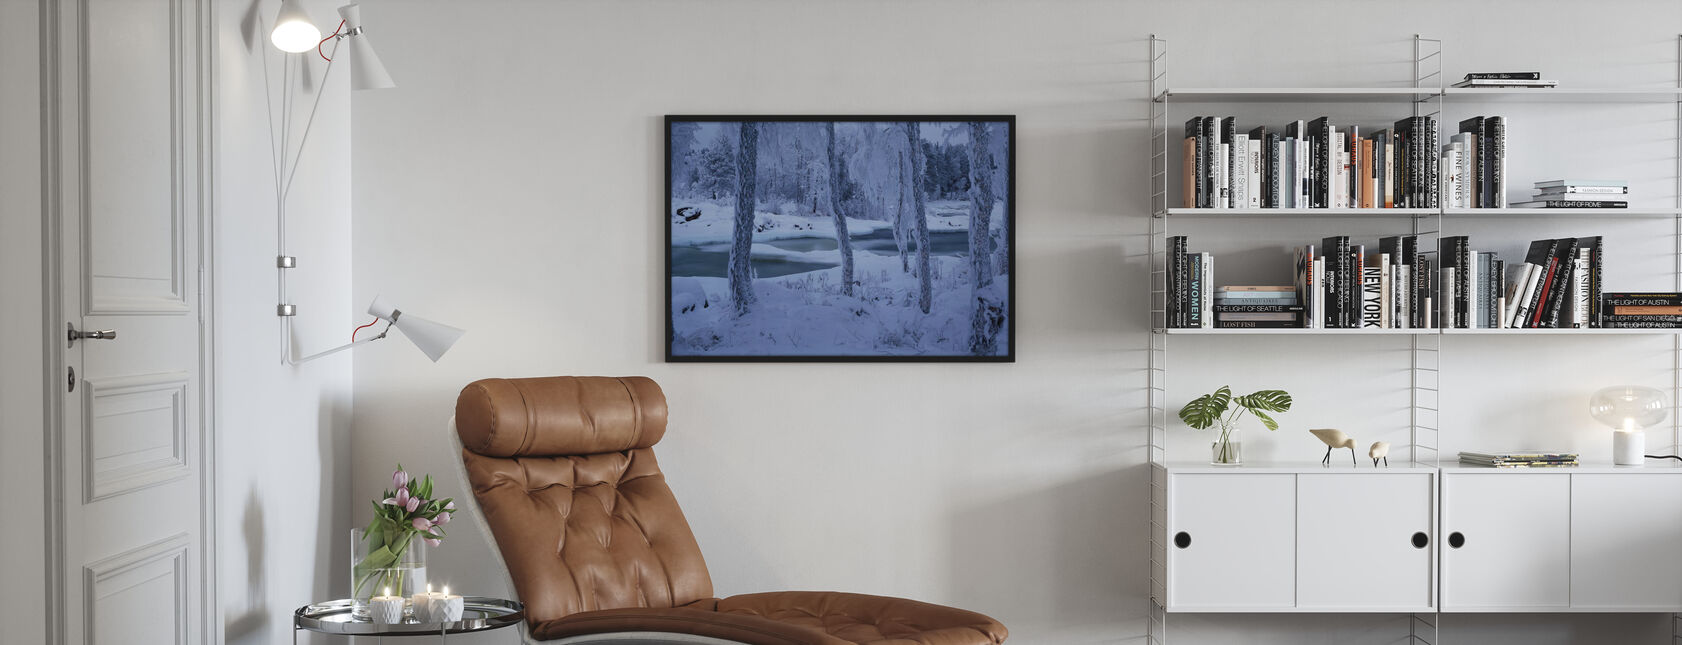 Kengisforsen im Winterkleid - Poster - Wohnzimmer